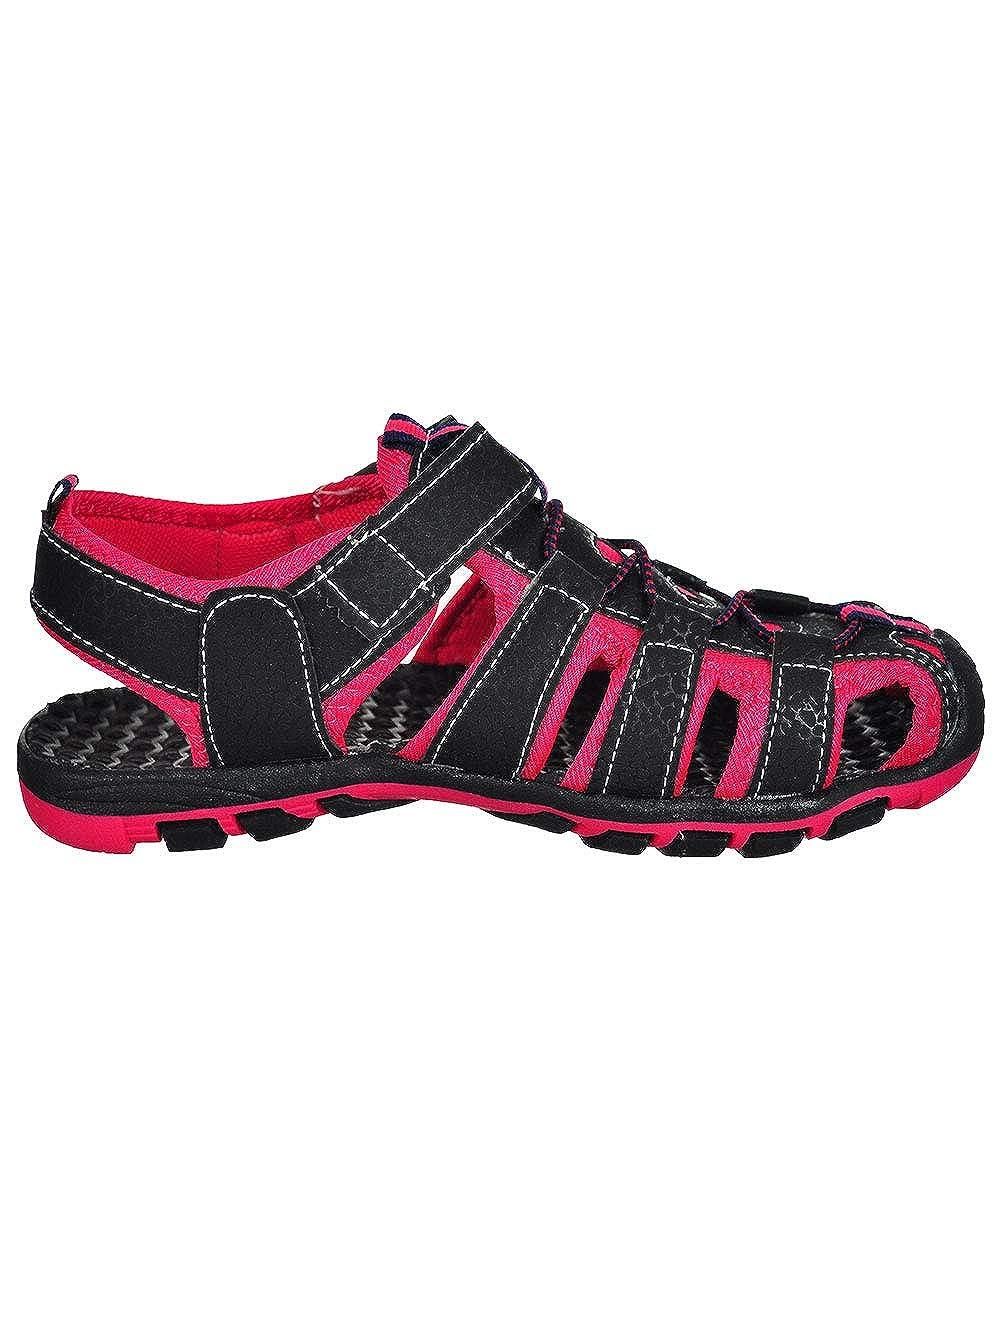 1 Youth Rugged Bear Boys Sport Sandals Black//Fuchsia